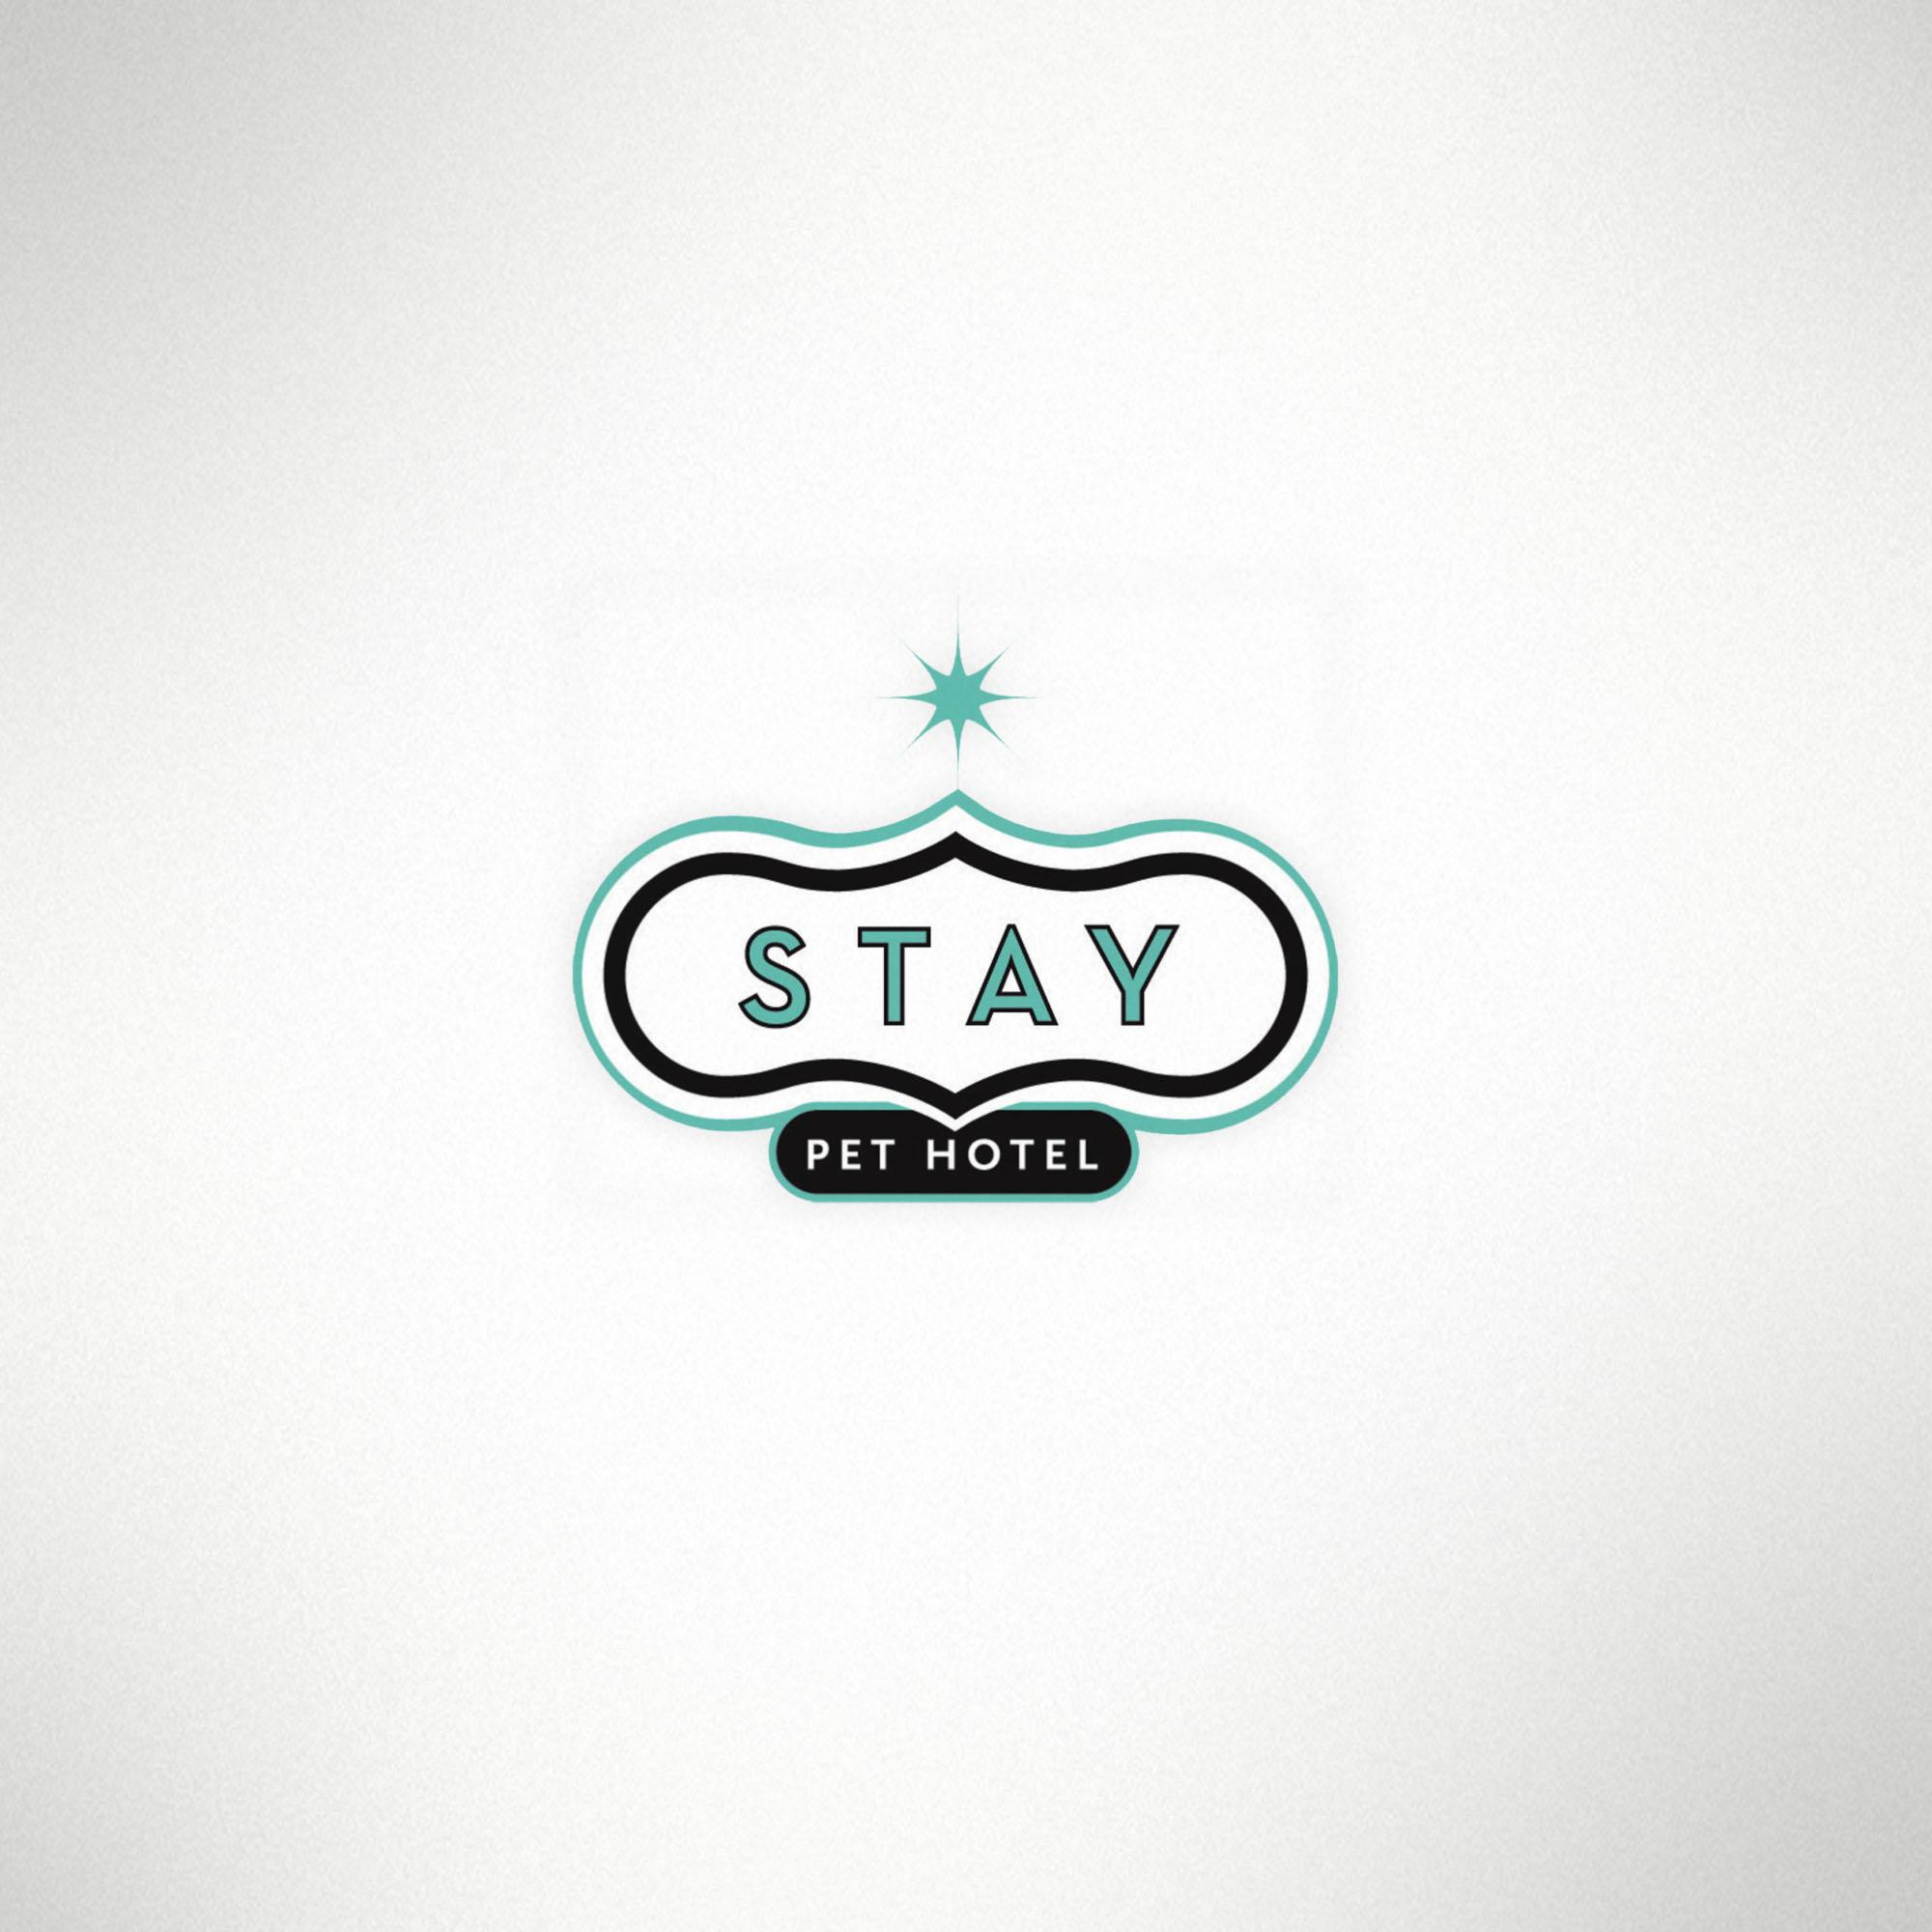 Stay_Logo_1.jpg